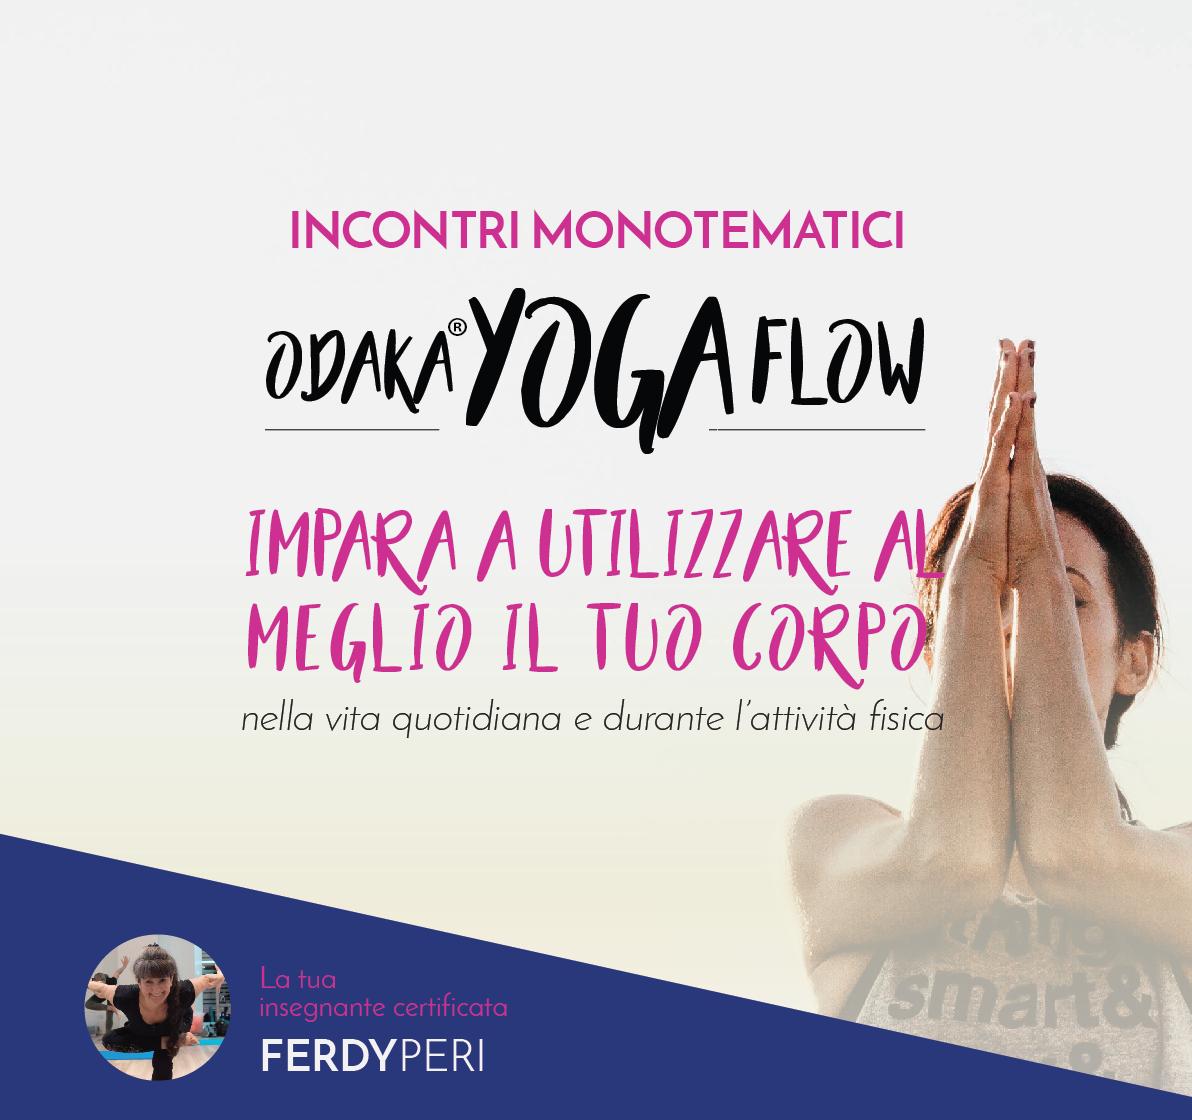 ODAKA® YOGA FLOW – incontri monotematici